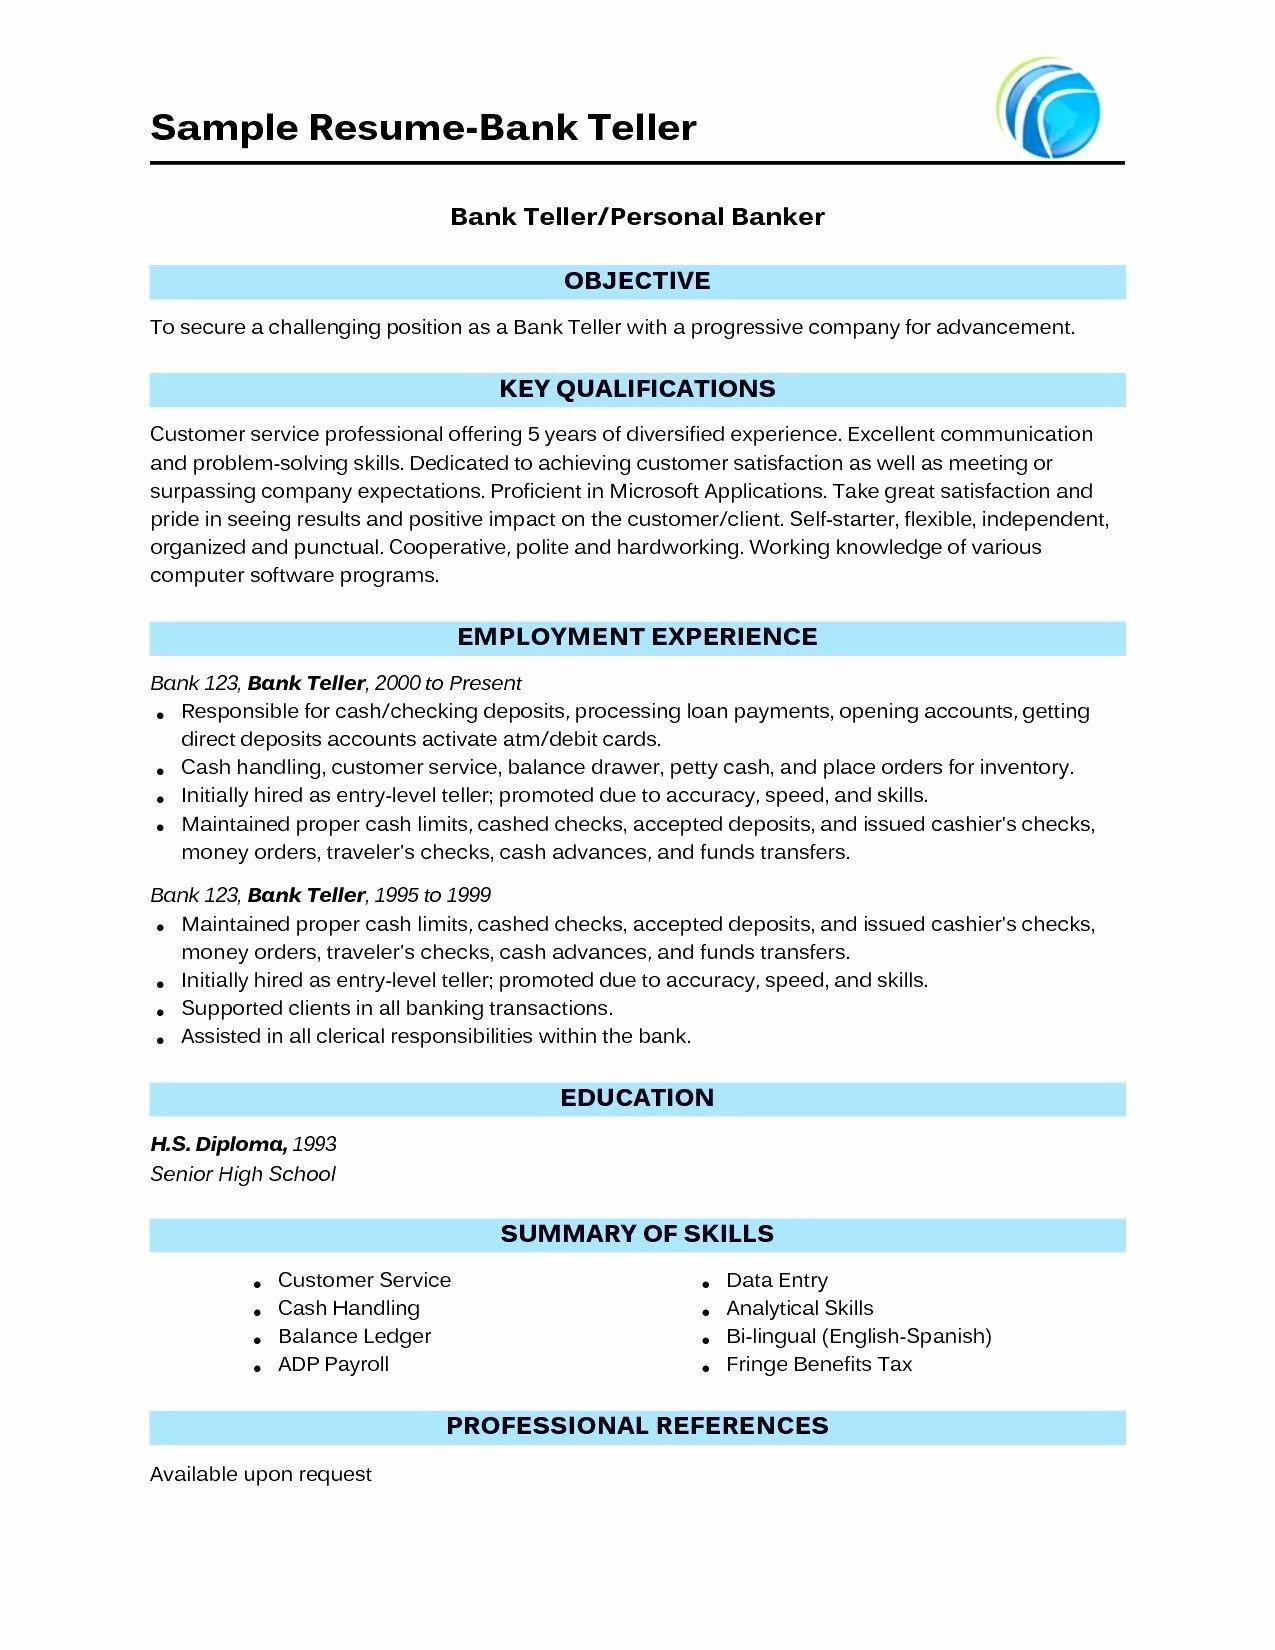 Bank Teller Resume lettersampel letterformat